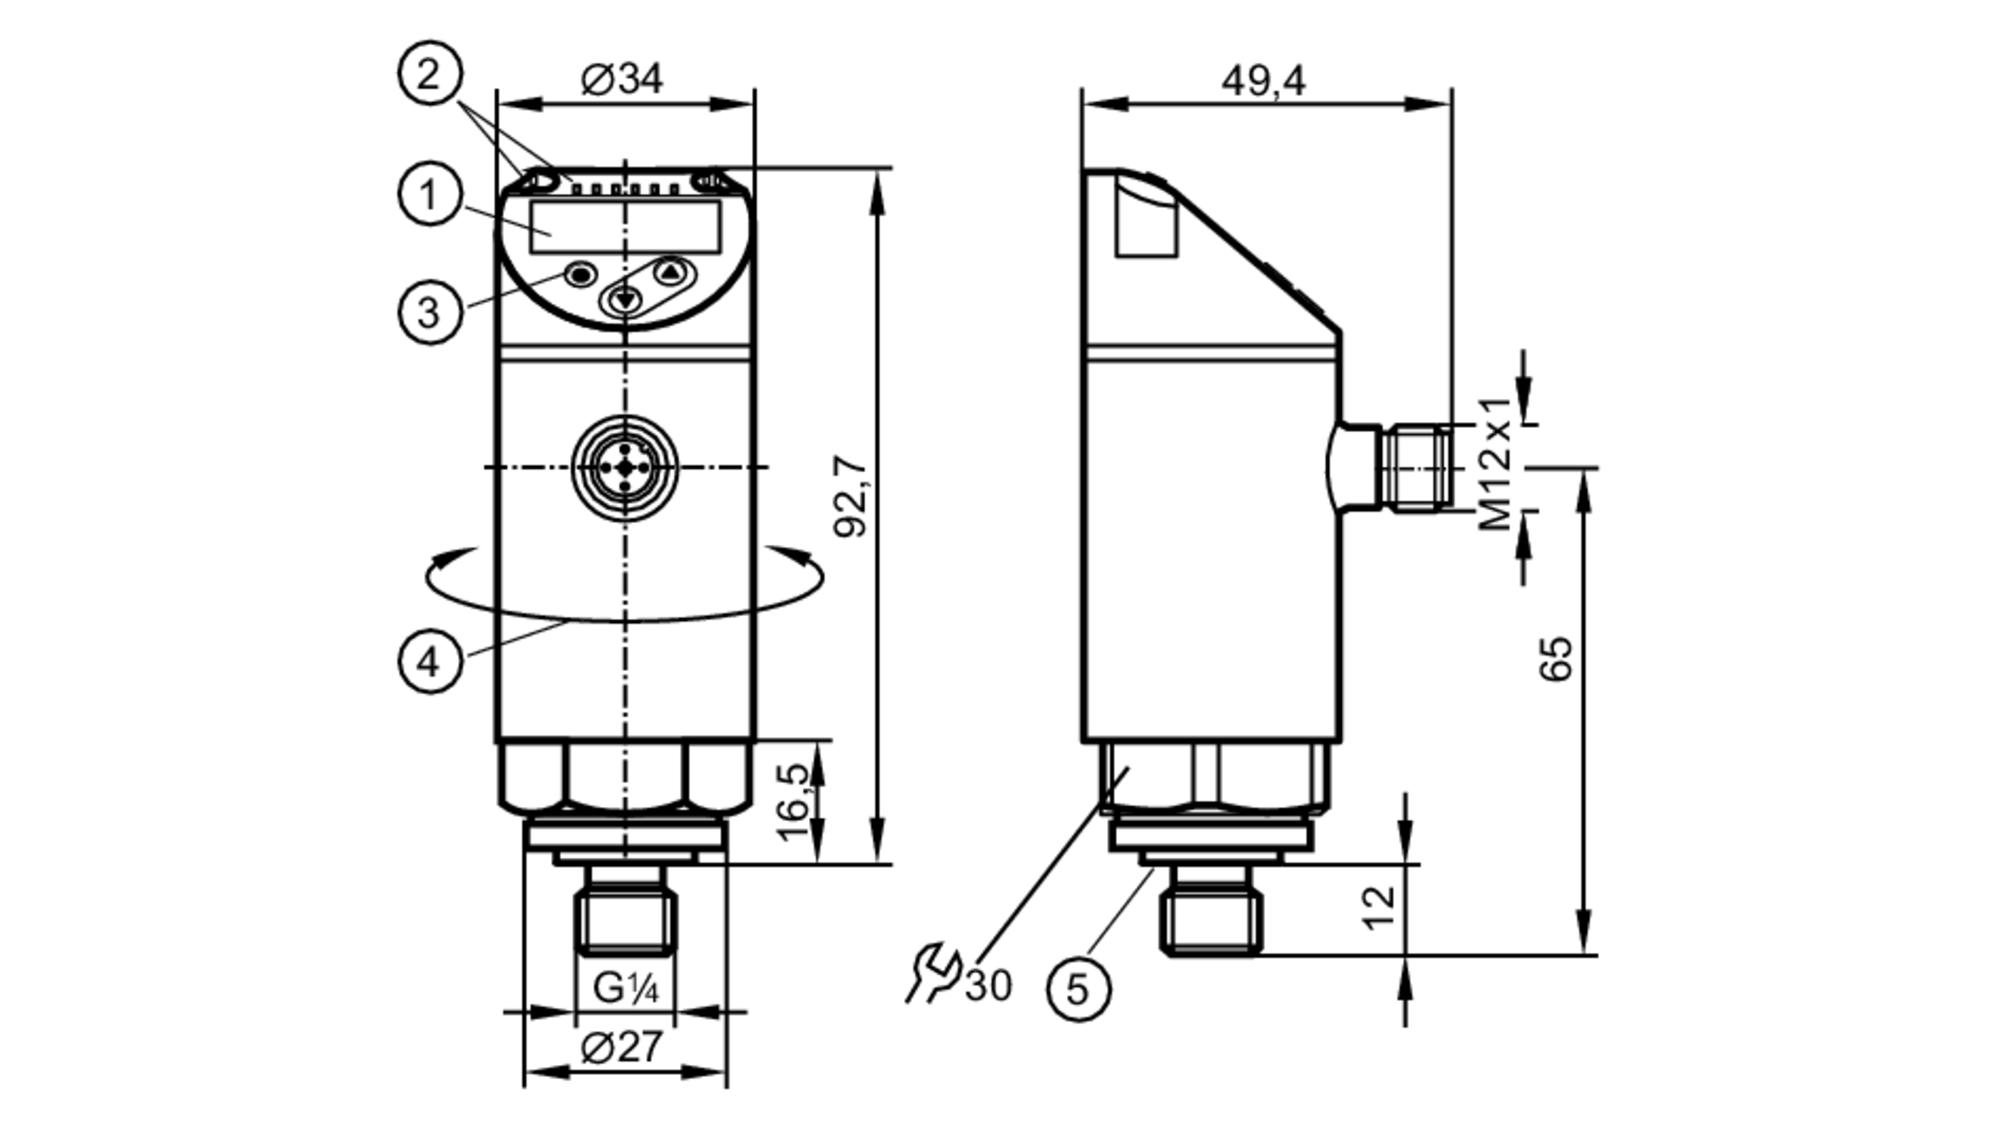 pn7594 - pressure sensor with display